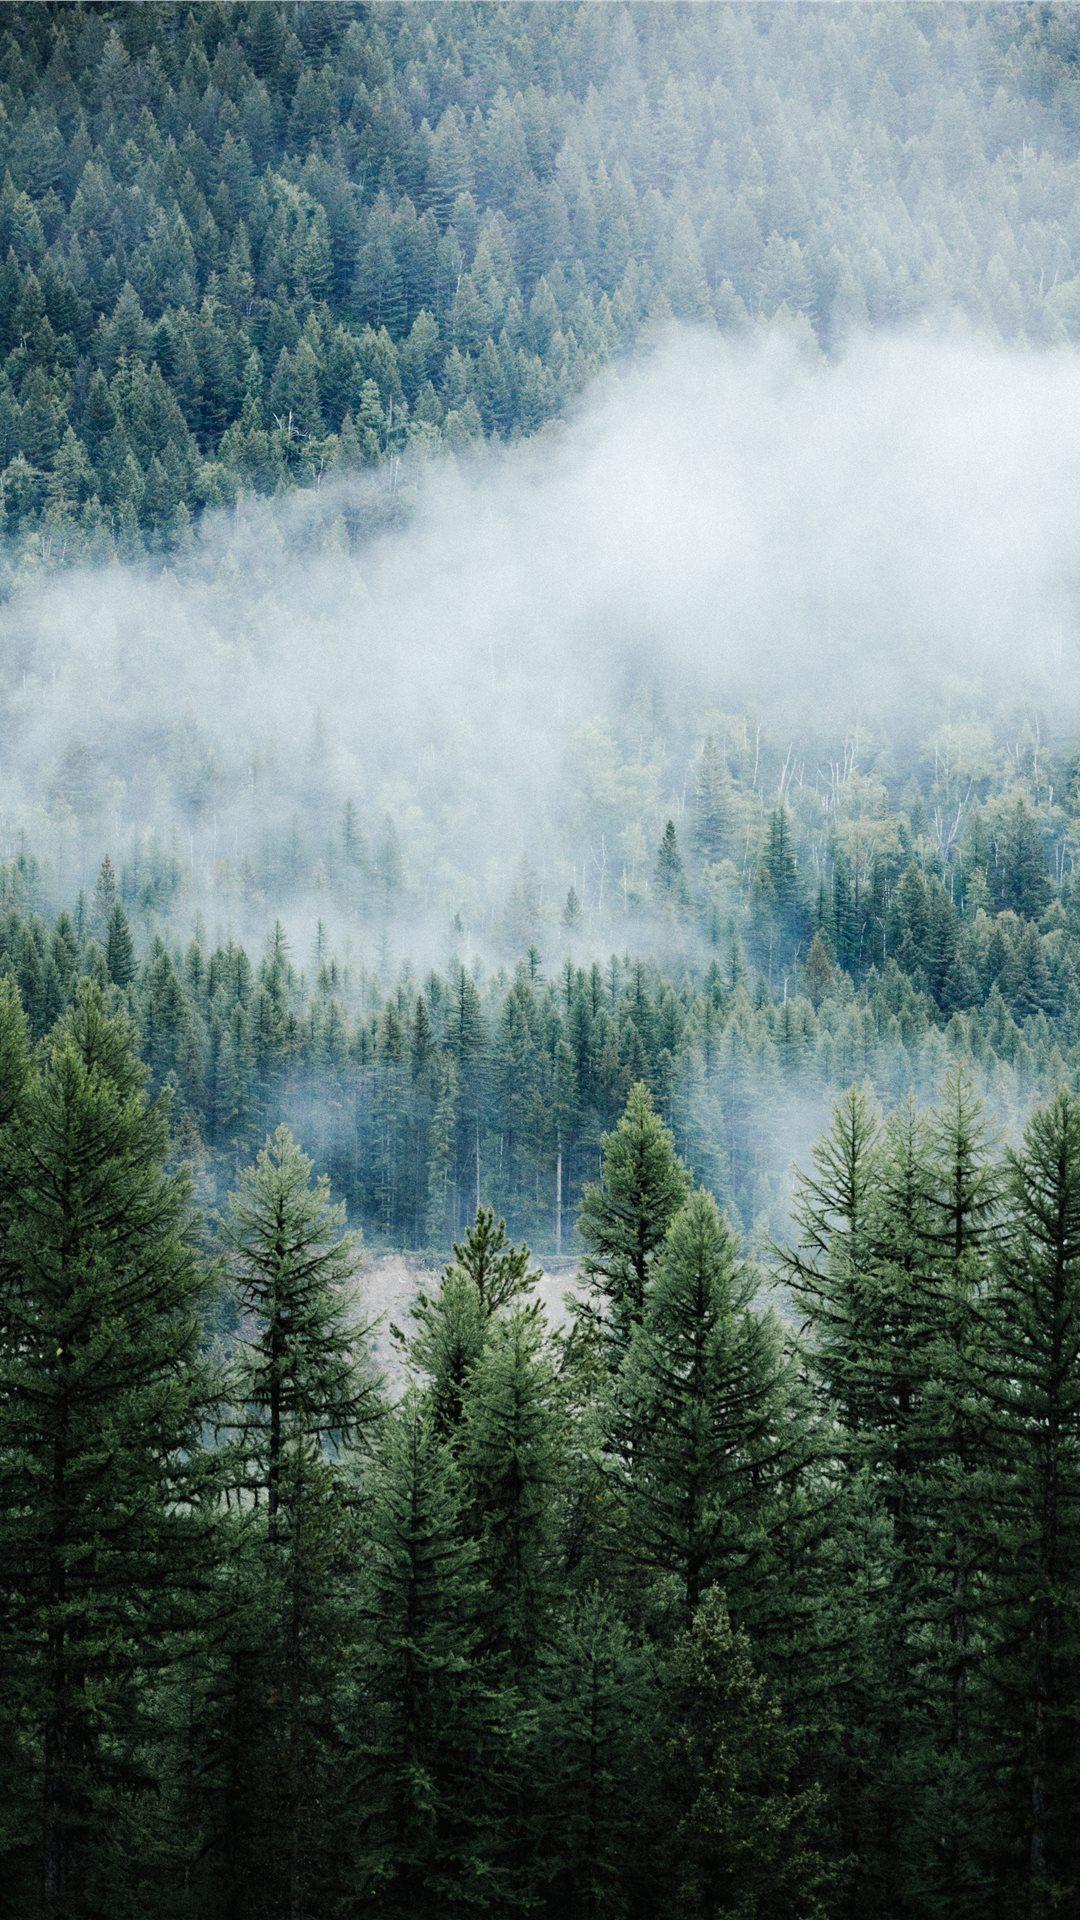 朝の森に霧 木の壁紙 森